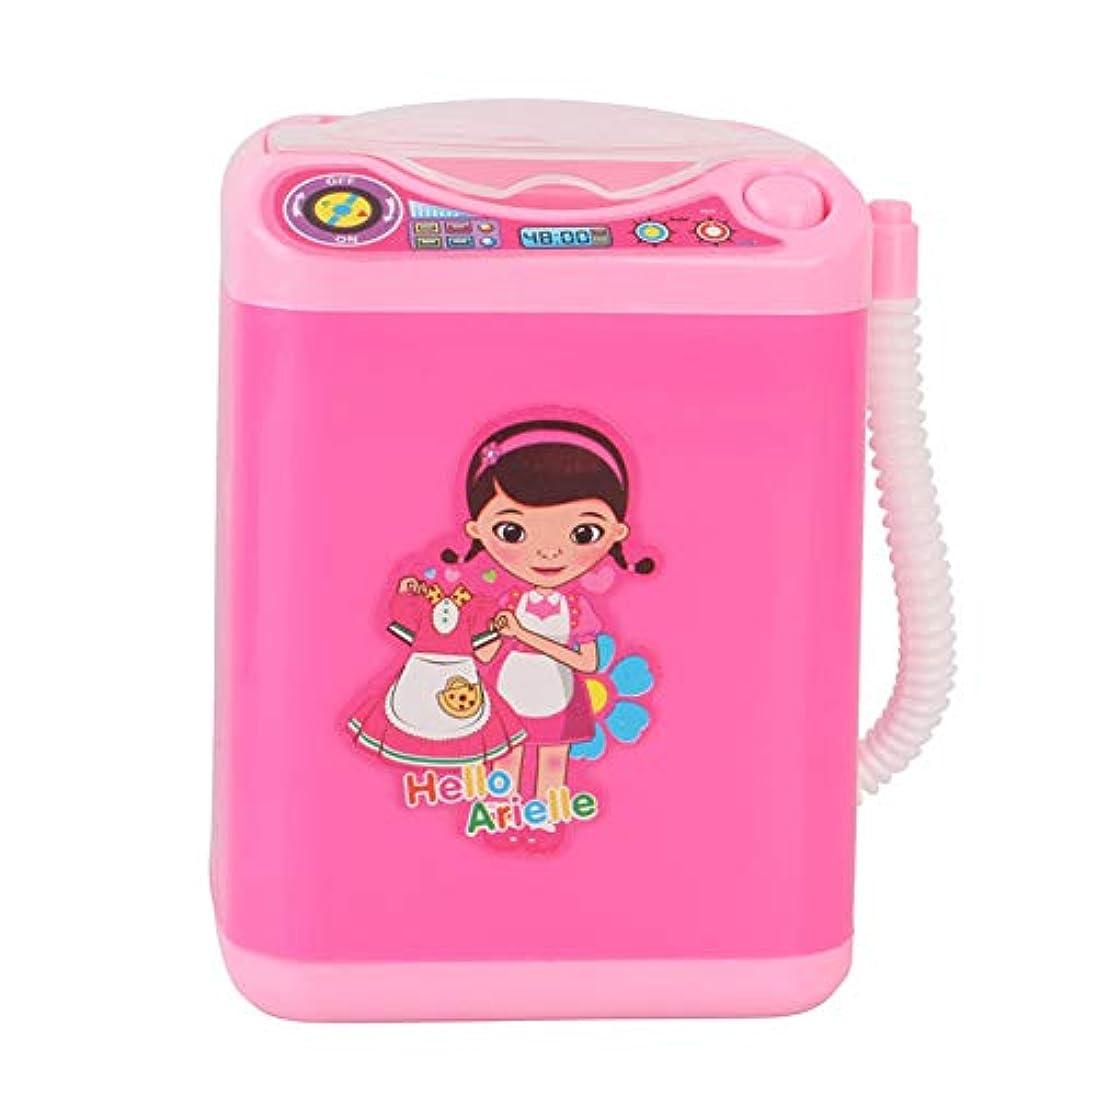 それによって冷ややかな干渉ZooArts 化粧ブラシ洗浄器 電動メイクブラシクリーナー 自動洗浄 電池式 ミニ洗濯機 携帯便利 DIY 可愛い 子供のおもちゃとしても大歓迎